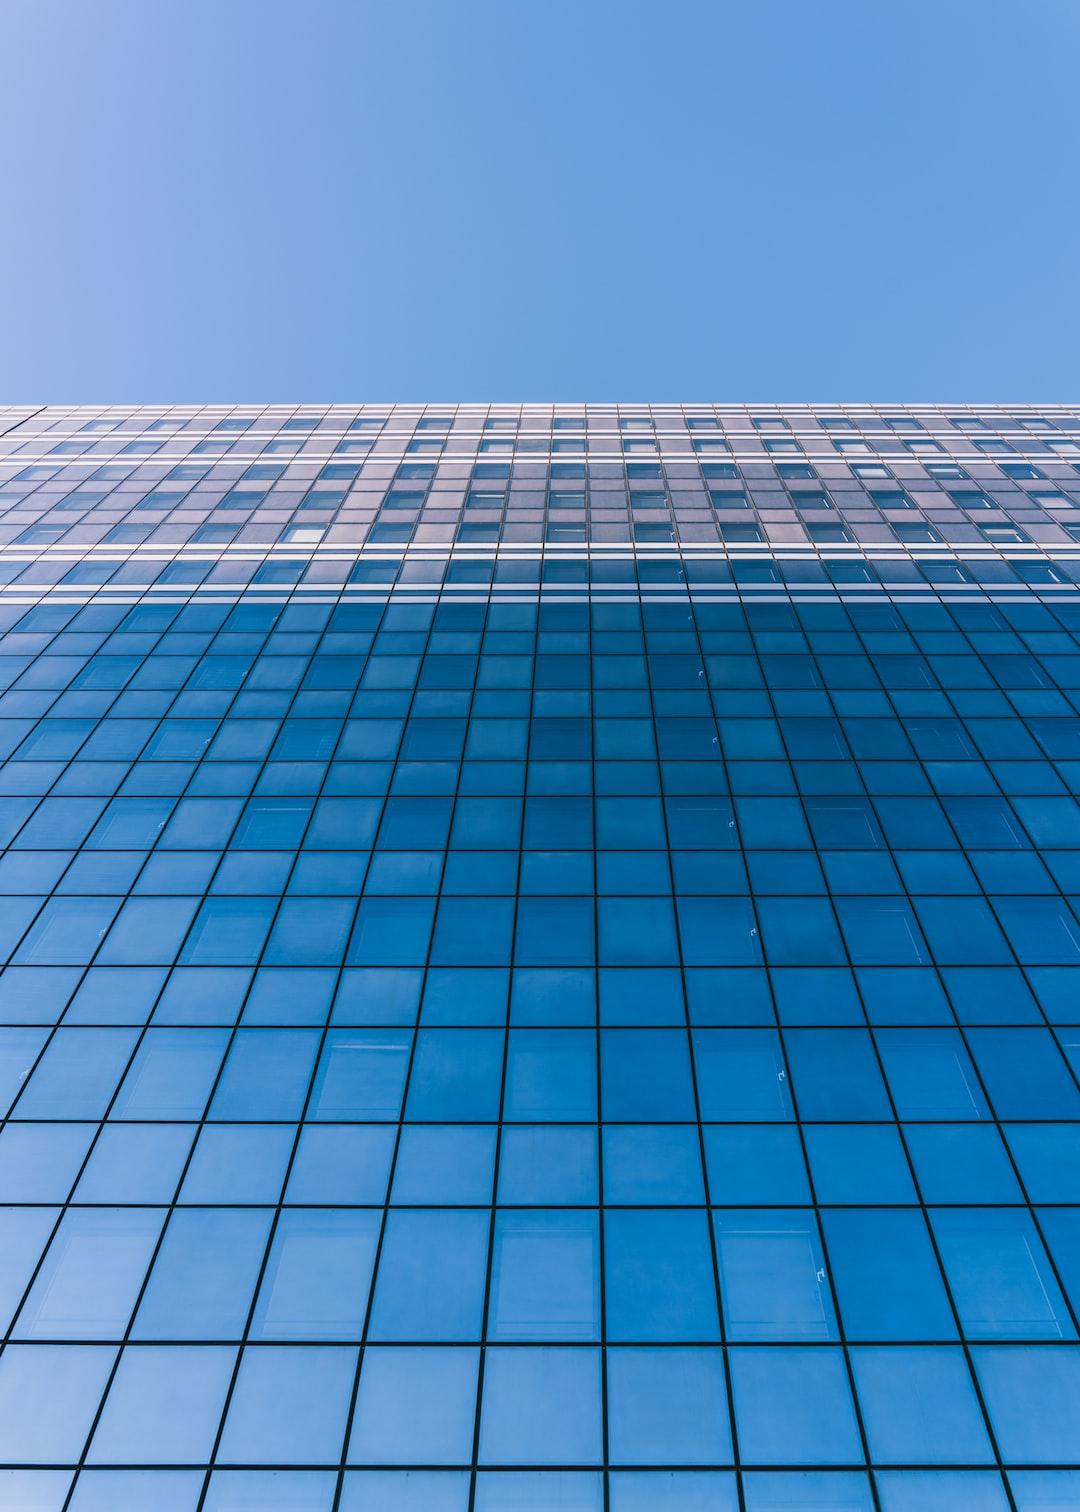 La simplicité est parfois complexe à mettre en œuvre. Mais la simplicité est souvent agréable et agréable à regarder. Ces nombreux vitres sur le bâtiment sont là pour nous le rappeler. Prise à La Défense.